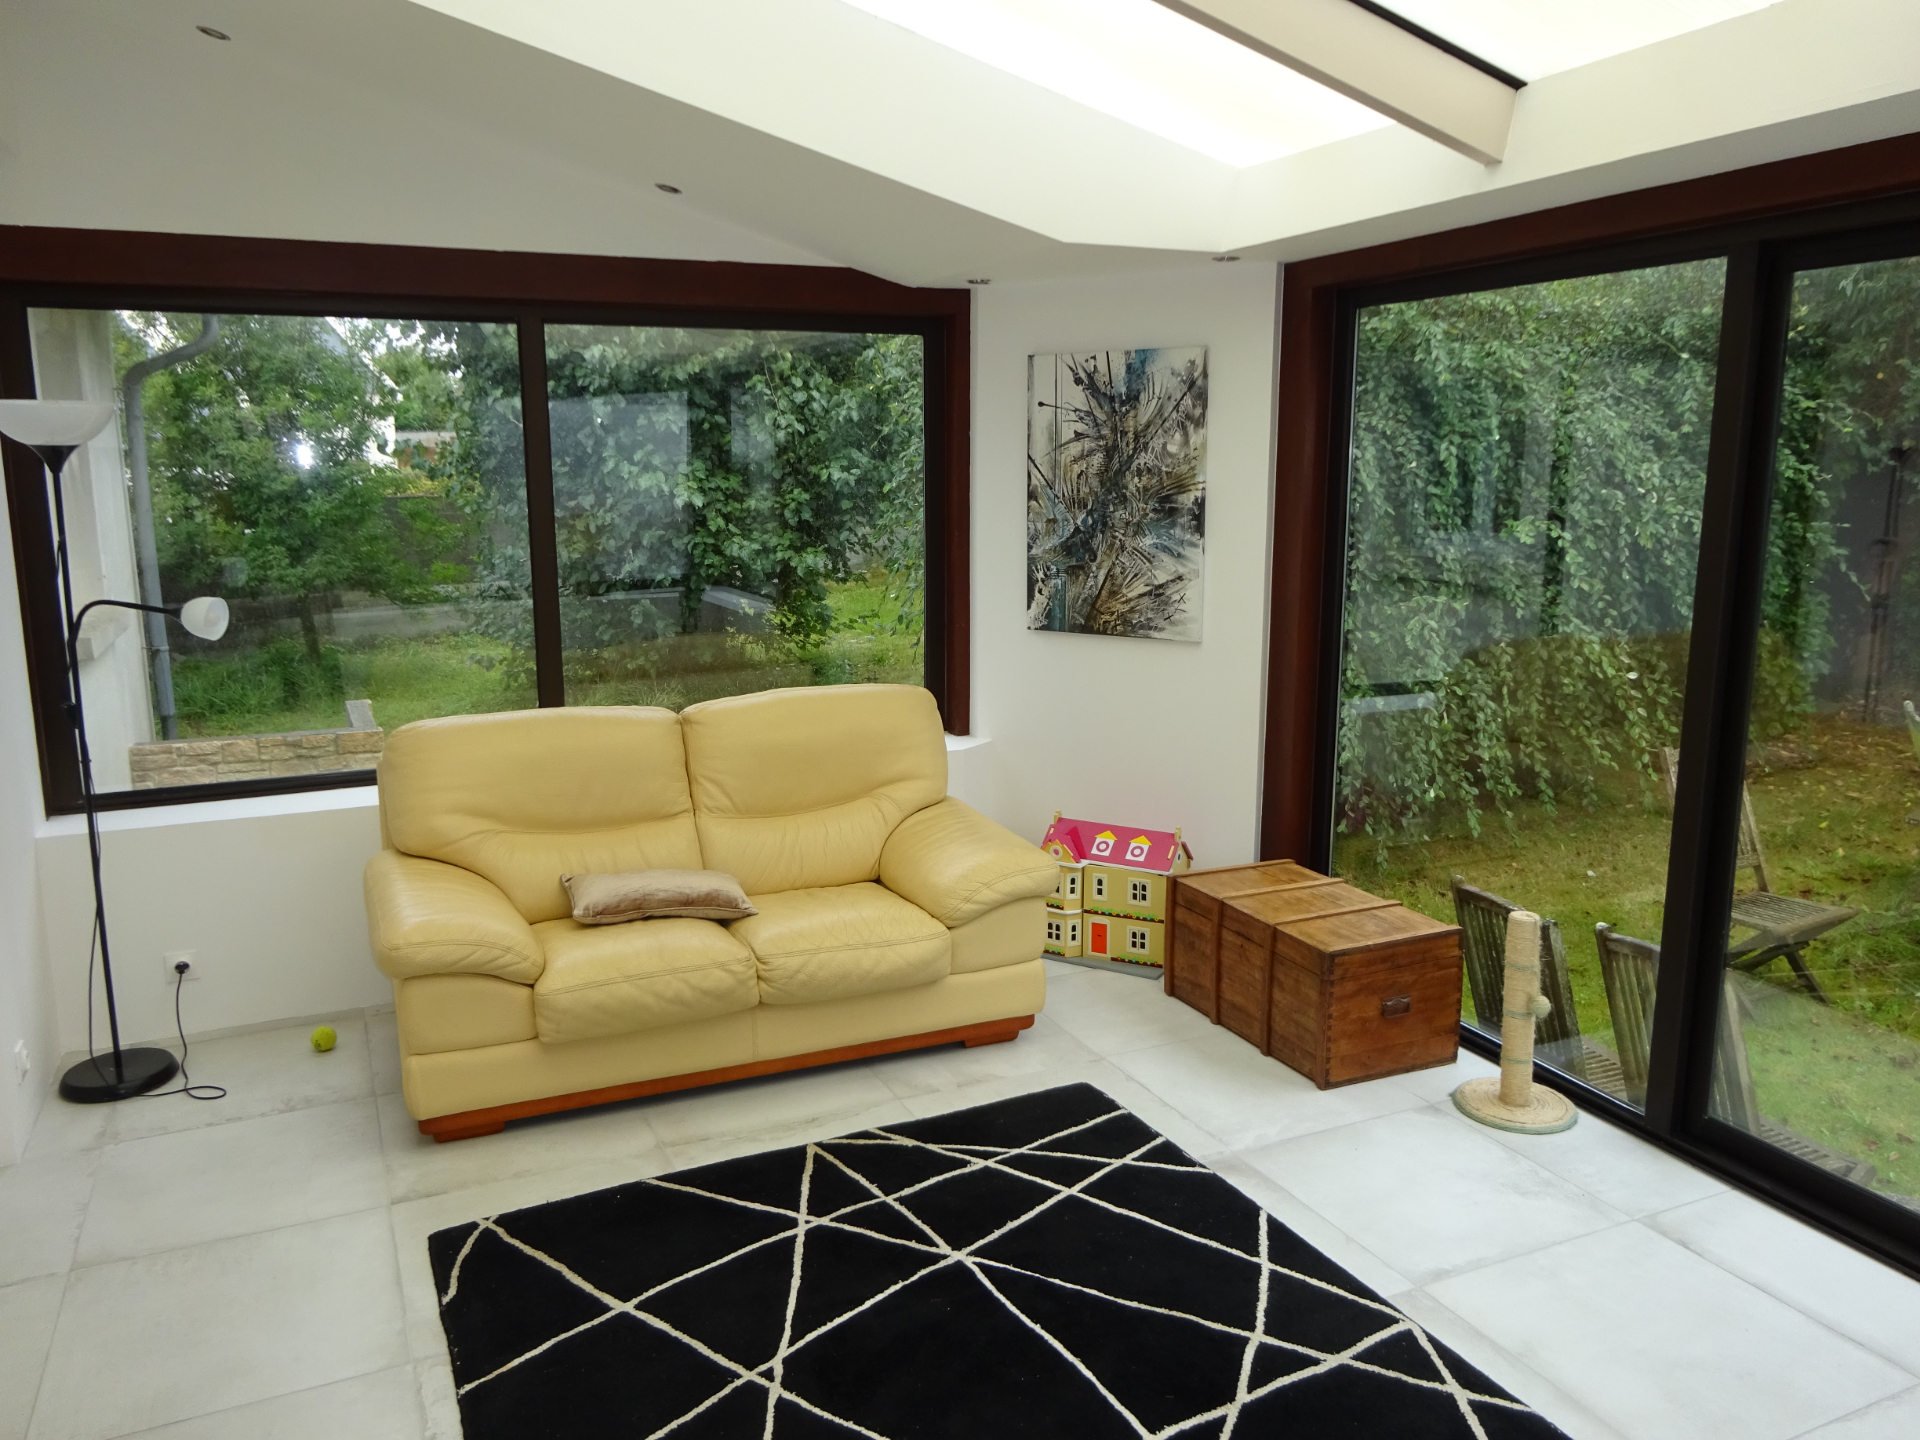 SOUS OFFRE-Vente d'une maison T8 (170 m²) à SAINT-RENAN